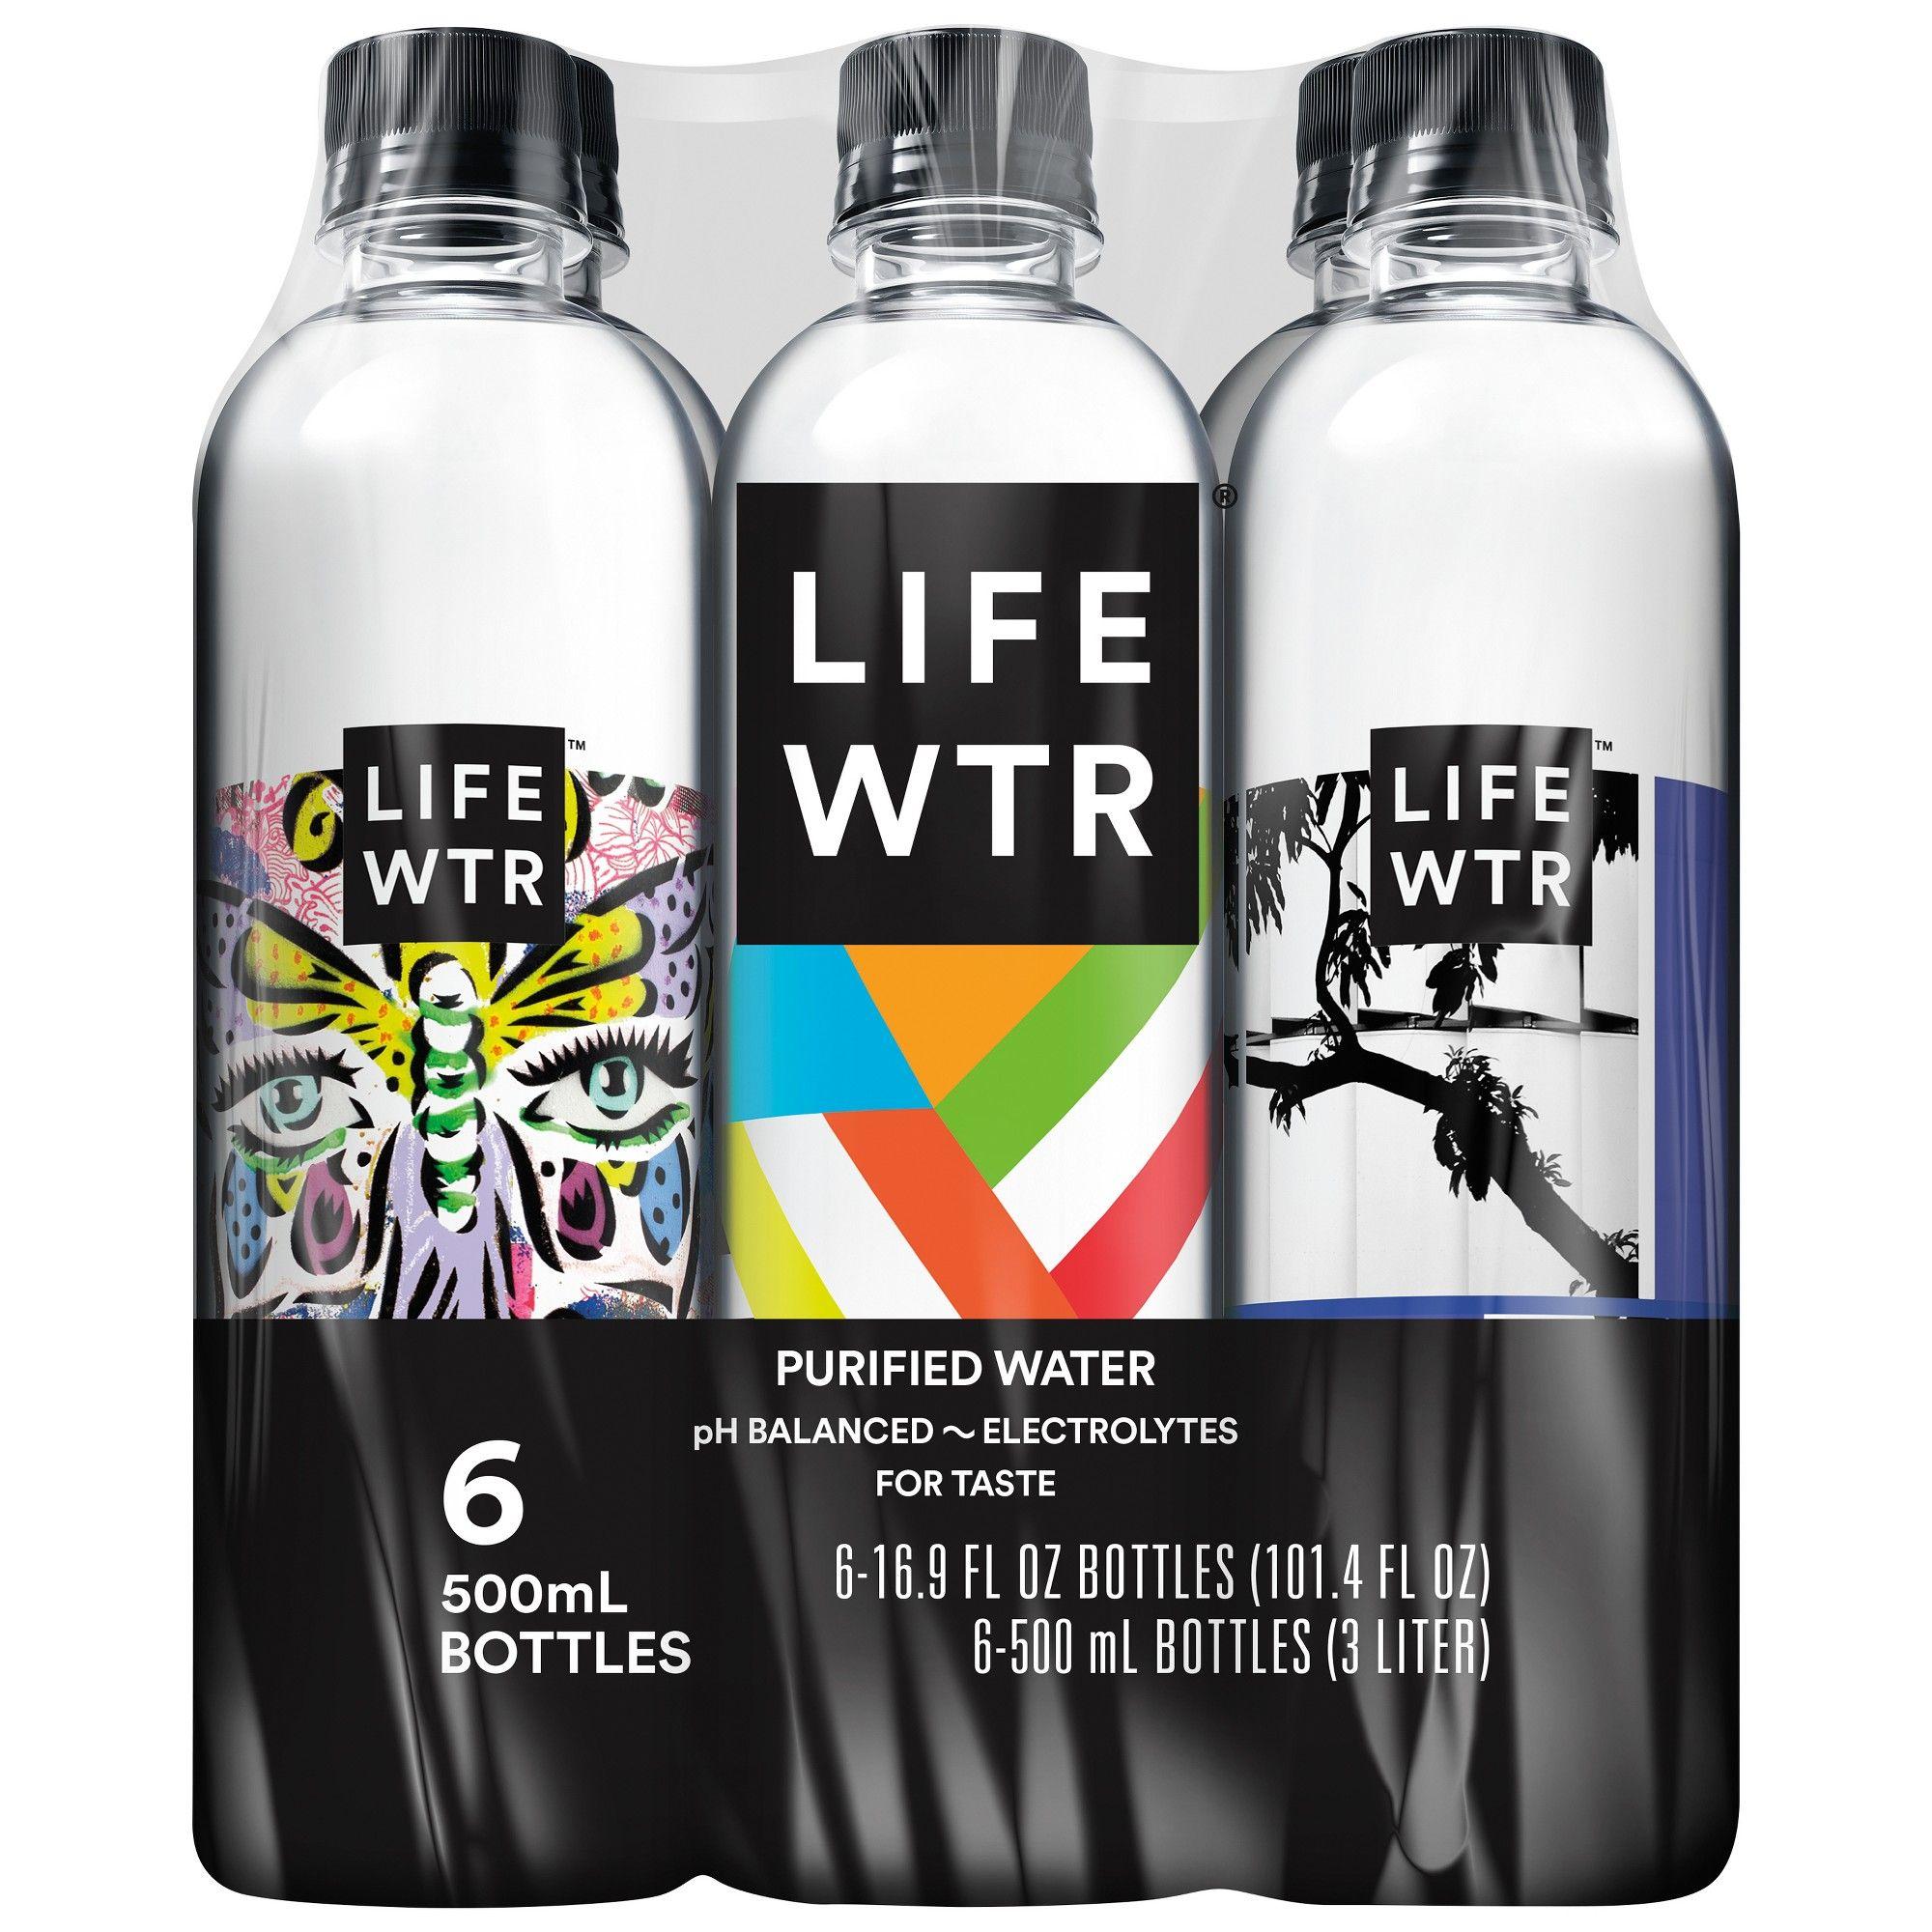 LIFEWTR Premium Purified Water 6pk/500ml Bottles Bottle